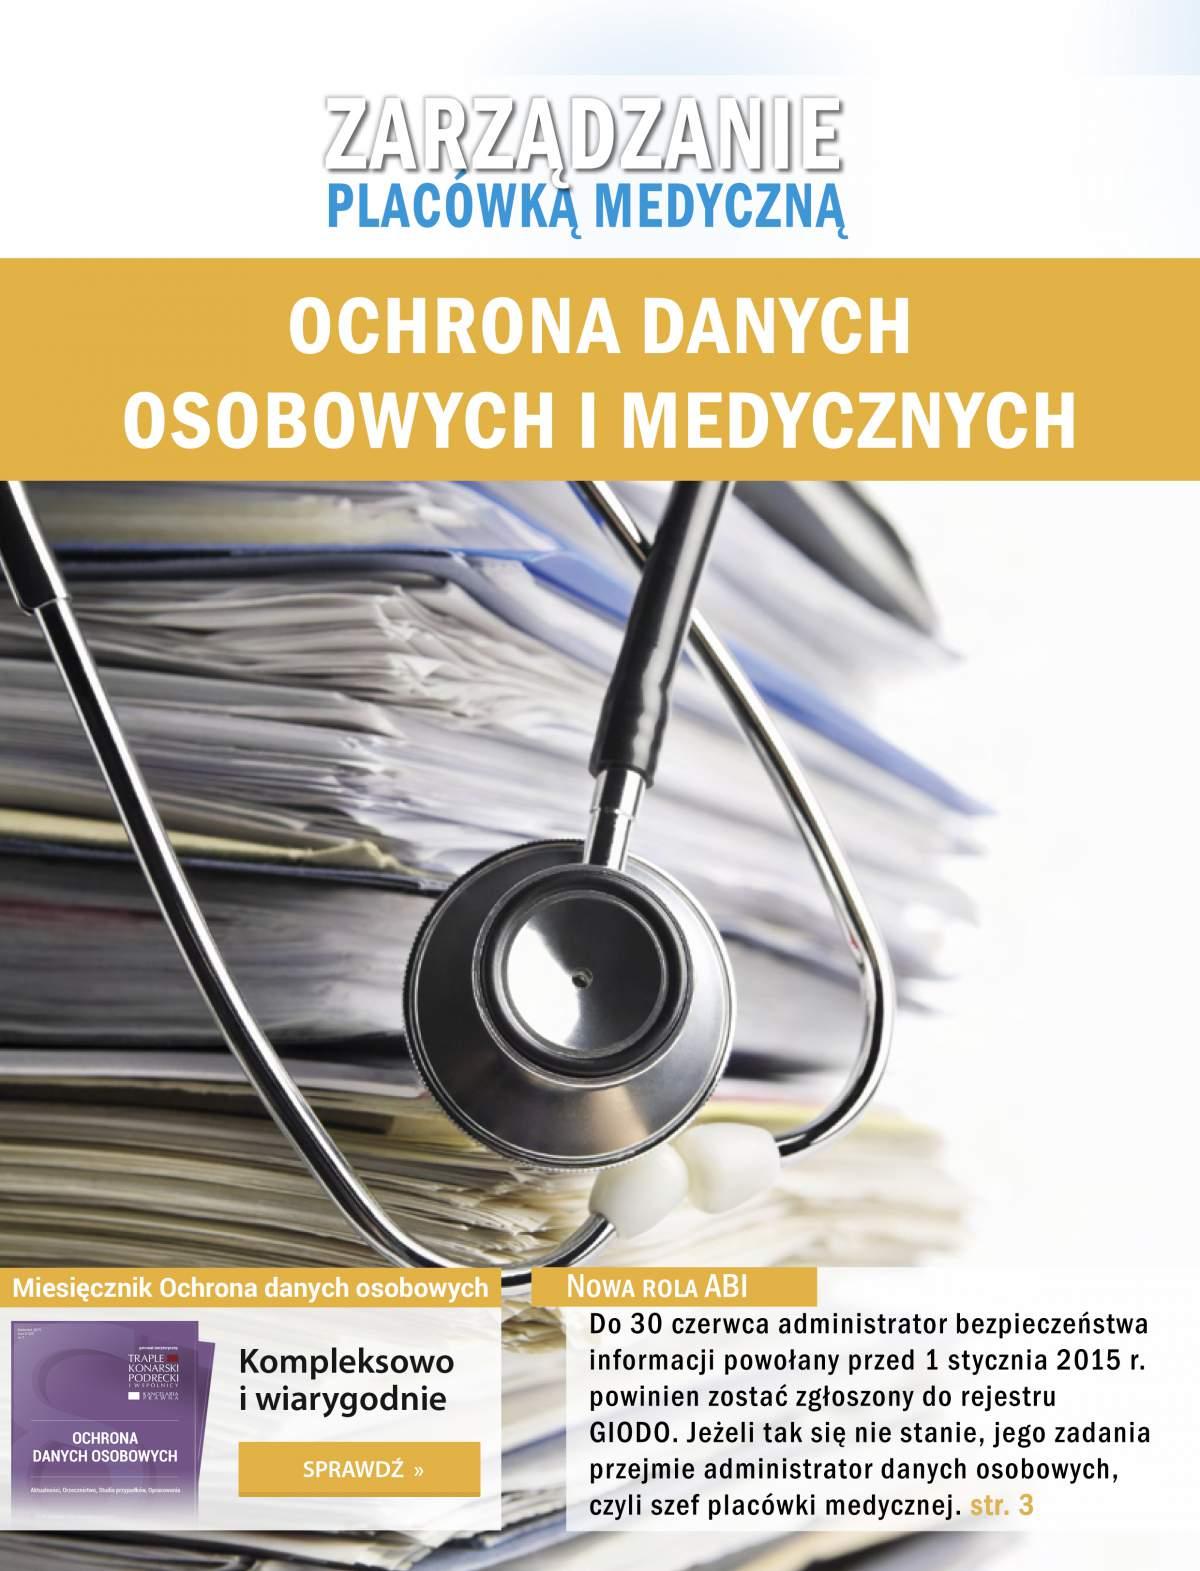 Zarządzanie placówką medyczną. Ochrona danych osobowych i medycznych - Ebook (Książka PDF) do pobrania w formacie PDF